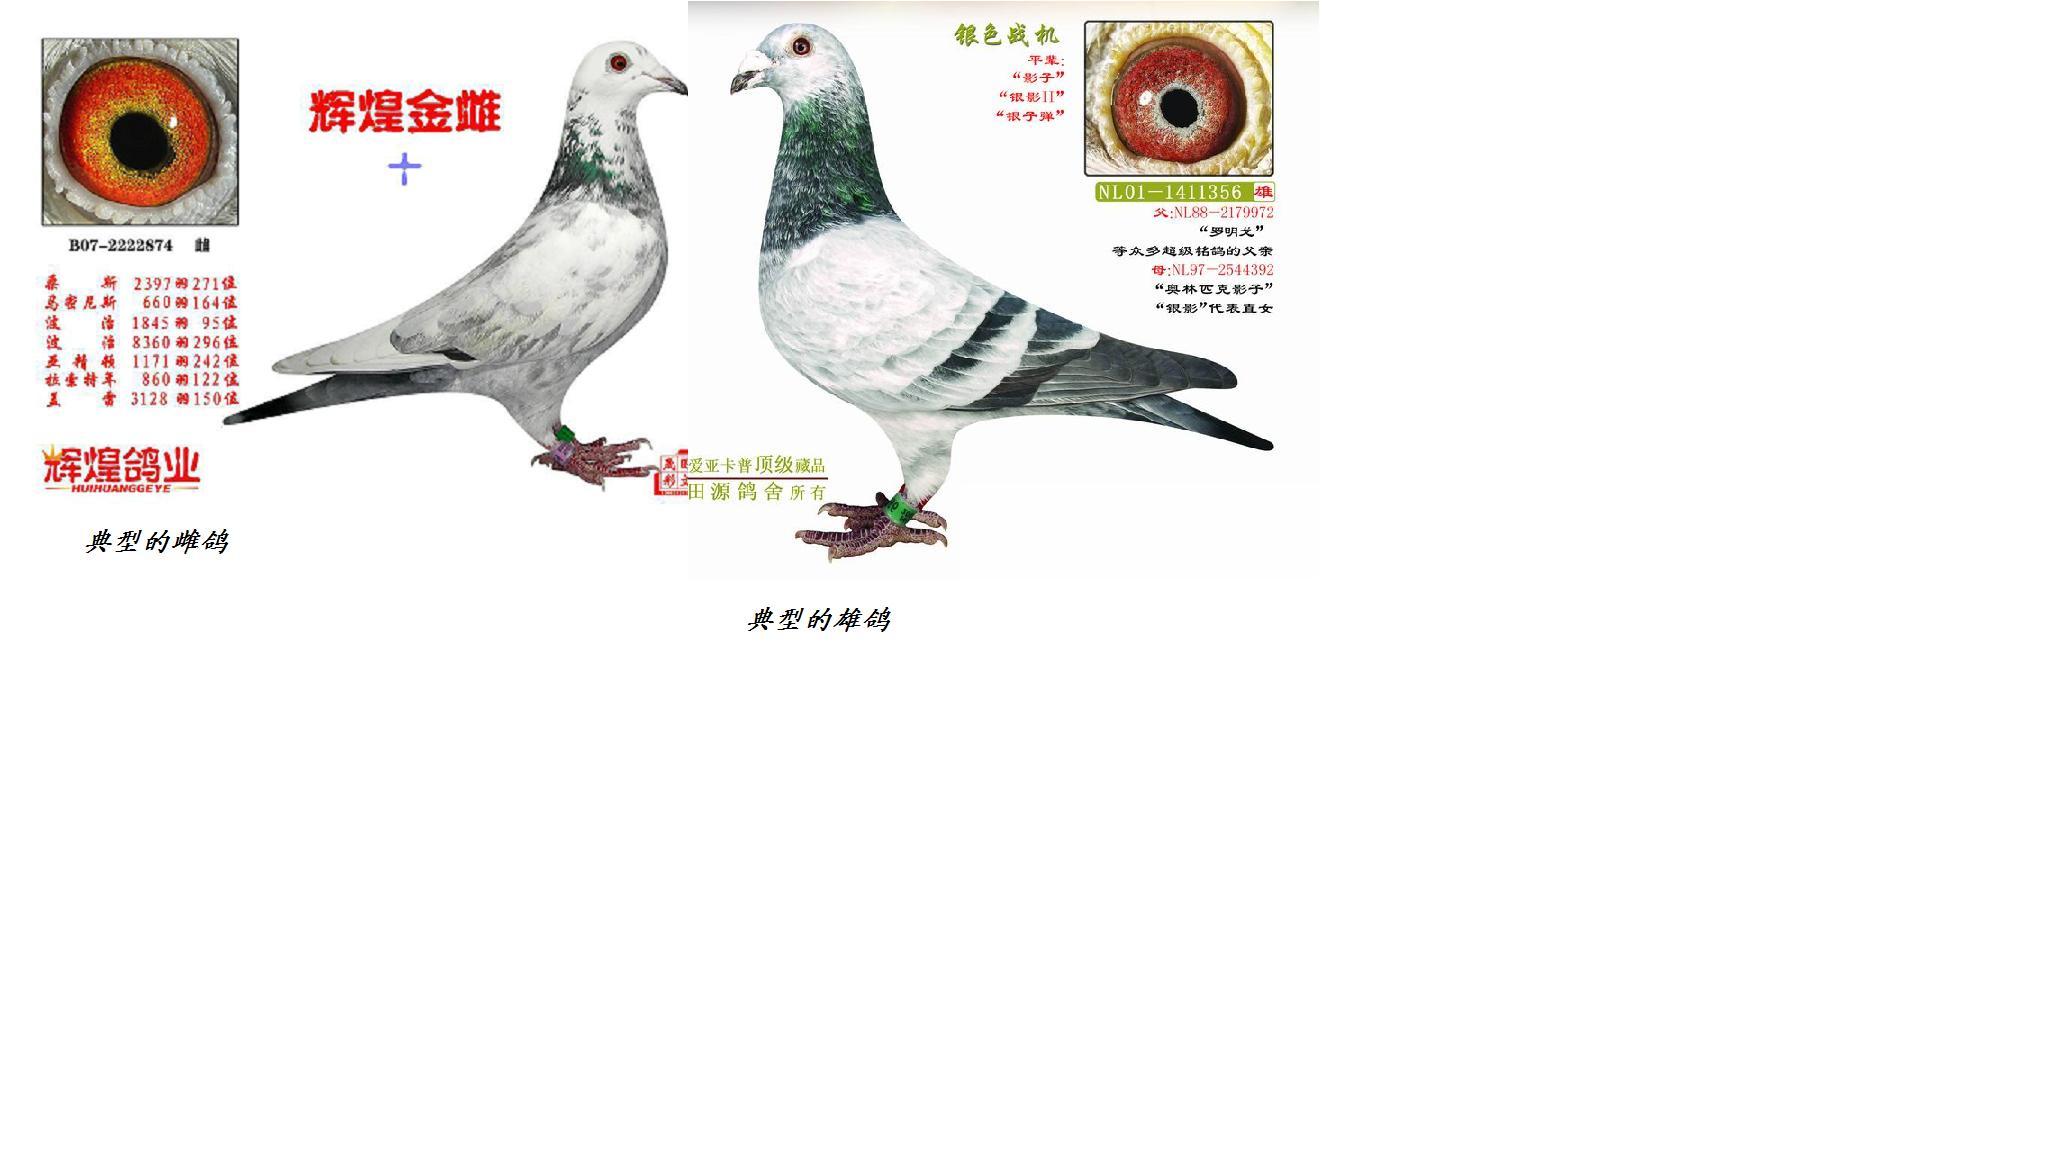 怎么看区分鸽子公母准些图片